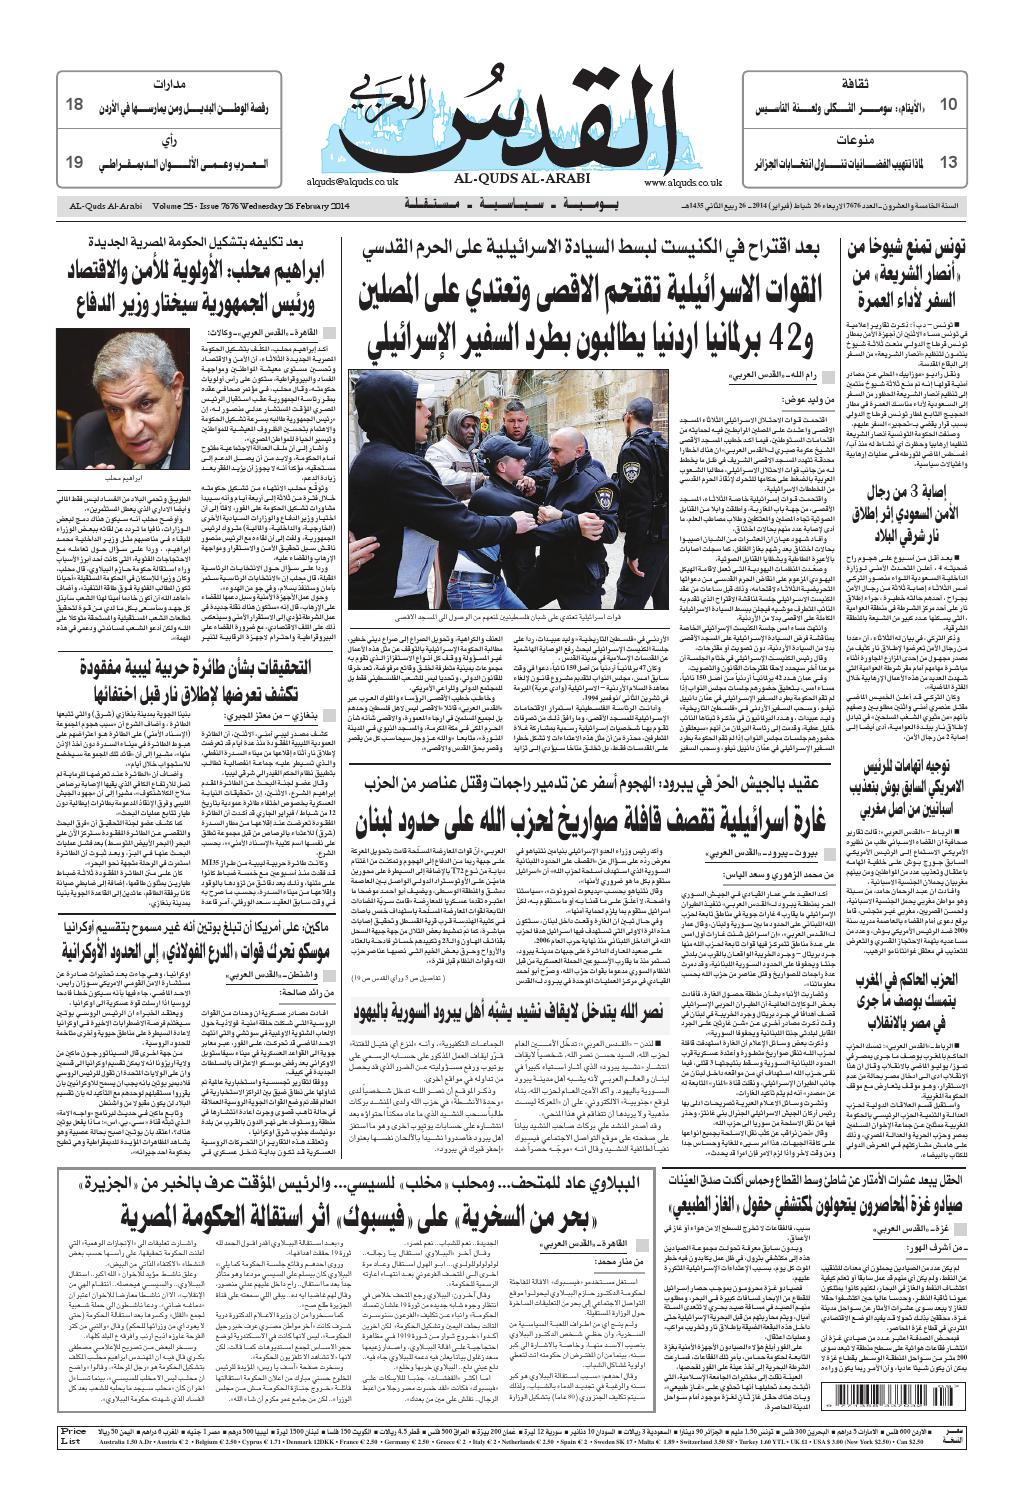 2d91ec41e صحيفة القدس العربي , الأربعاء 26.02.2014 by مركز الحدث - issuu